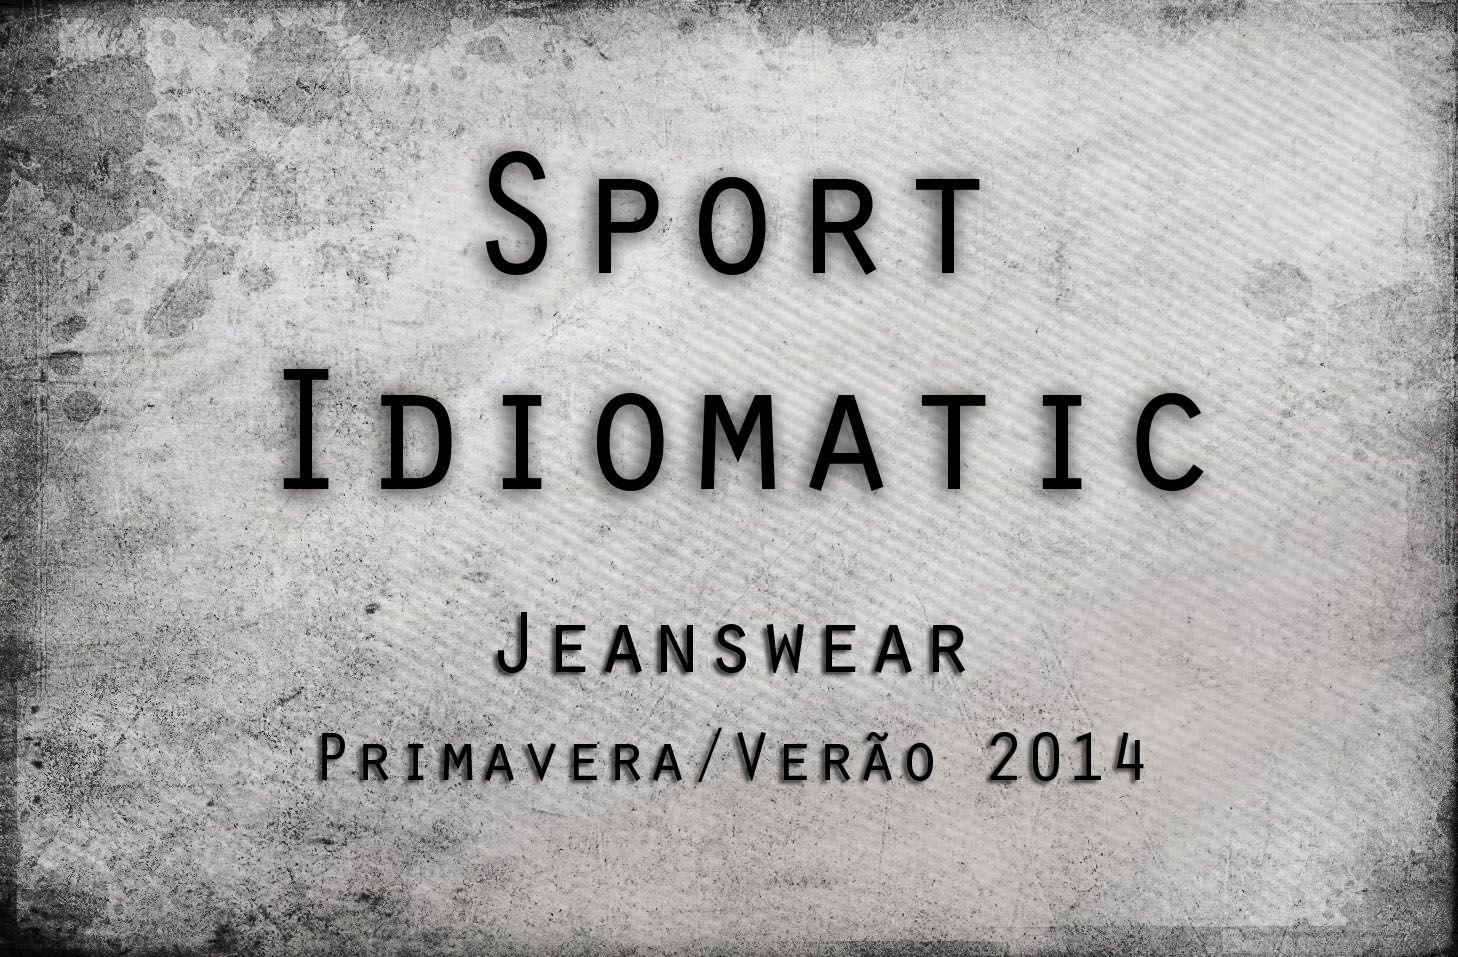 Jeanswear primavera/ verão 2014